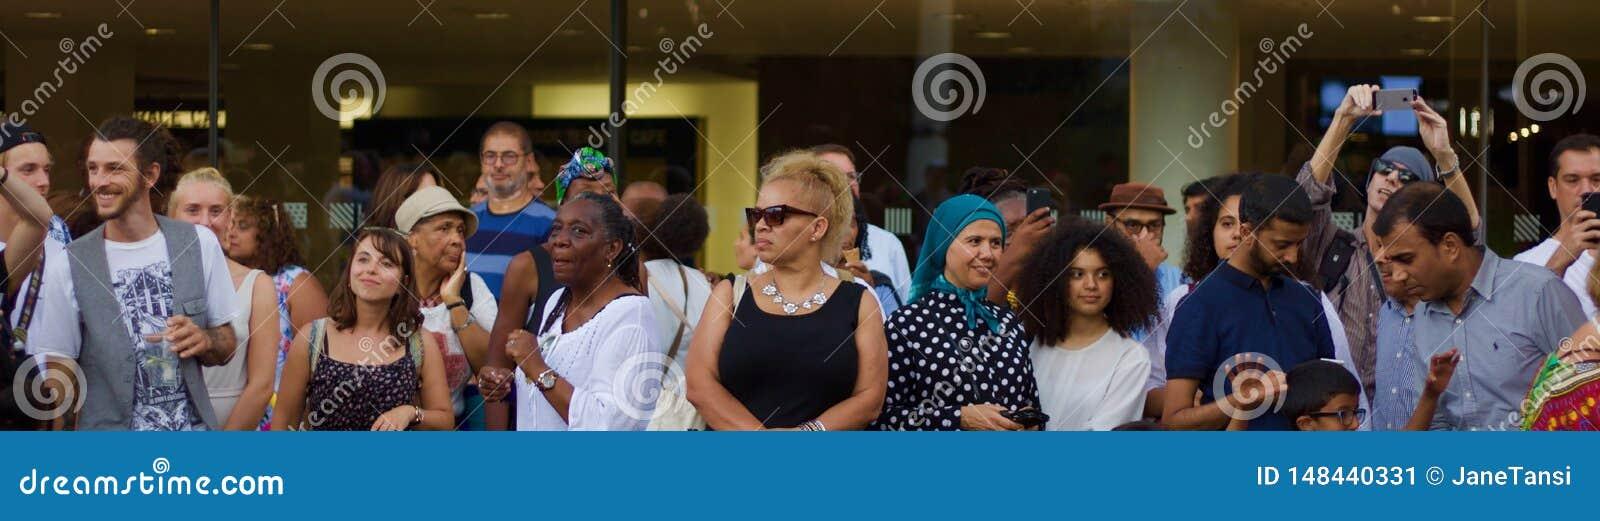 21 luglio 2018 - Londra, Regno Unito: Pubblico al festival di musica dell Africa Utopia sul Southbank di Londra